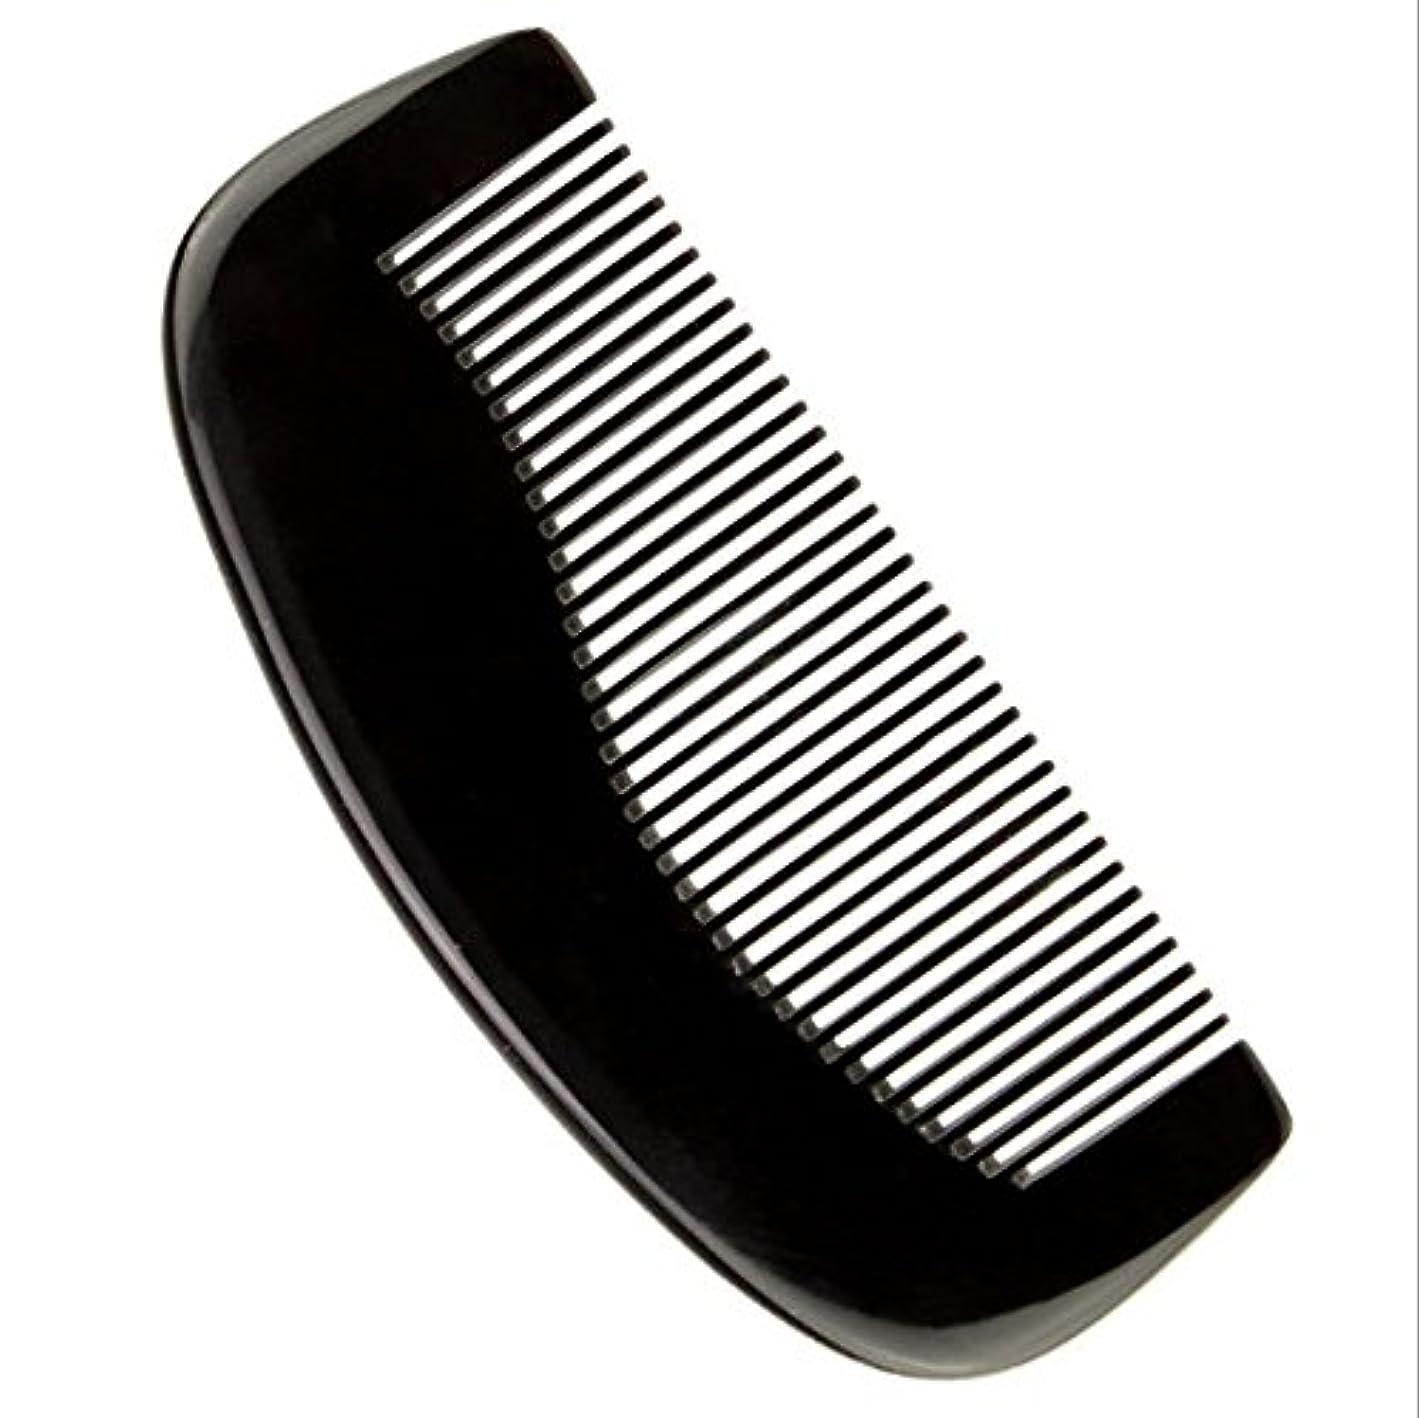 言語公然と埋め込む櫛型 プロも使う牛角かっさプレート 牛櫛 高級 天然 静電気 防止 美髪 粗歯 櫛型 美顔 ボディ リンパマッサージ